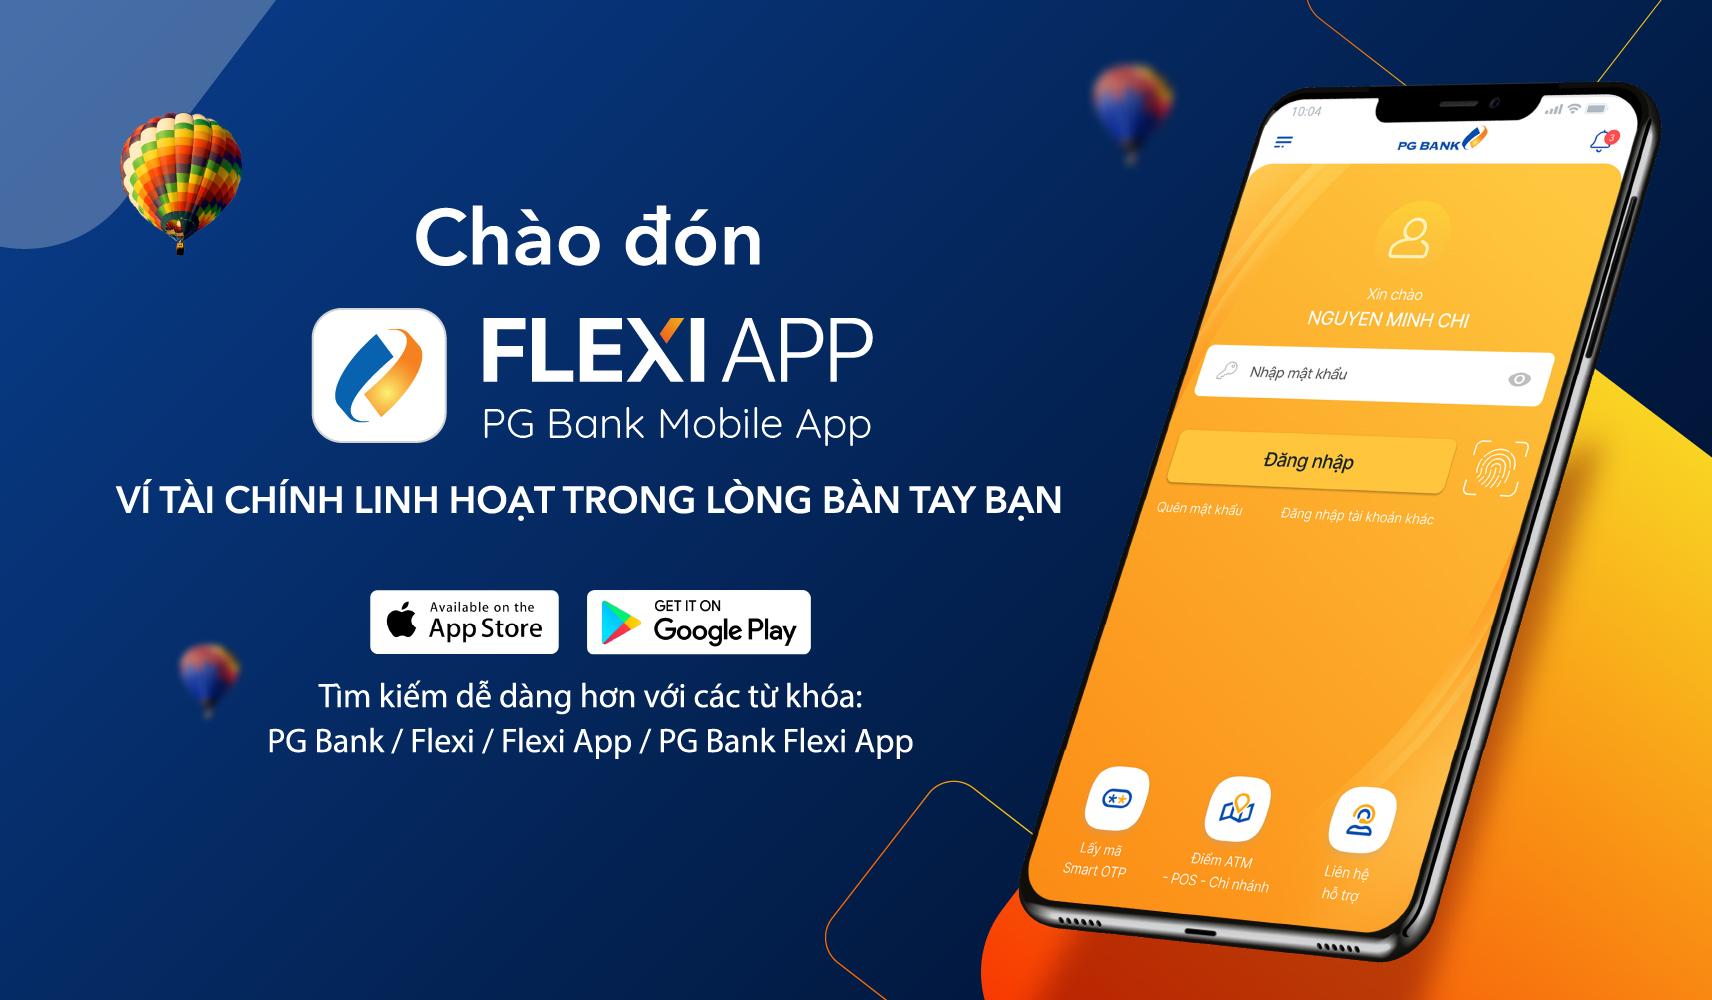 FlexiApp - PG Bank Mobile Banking